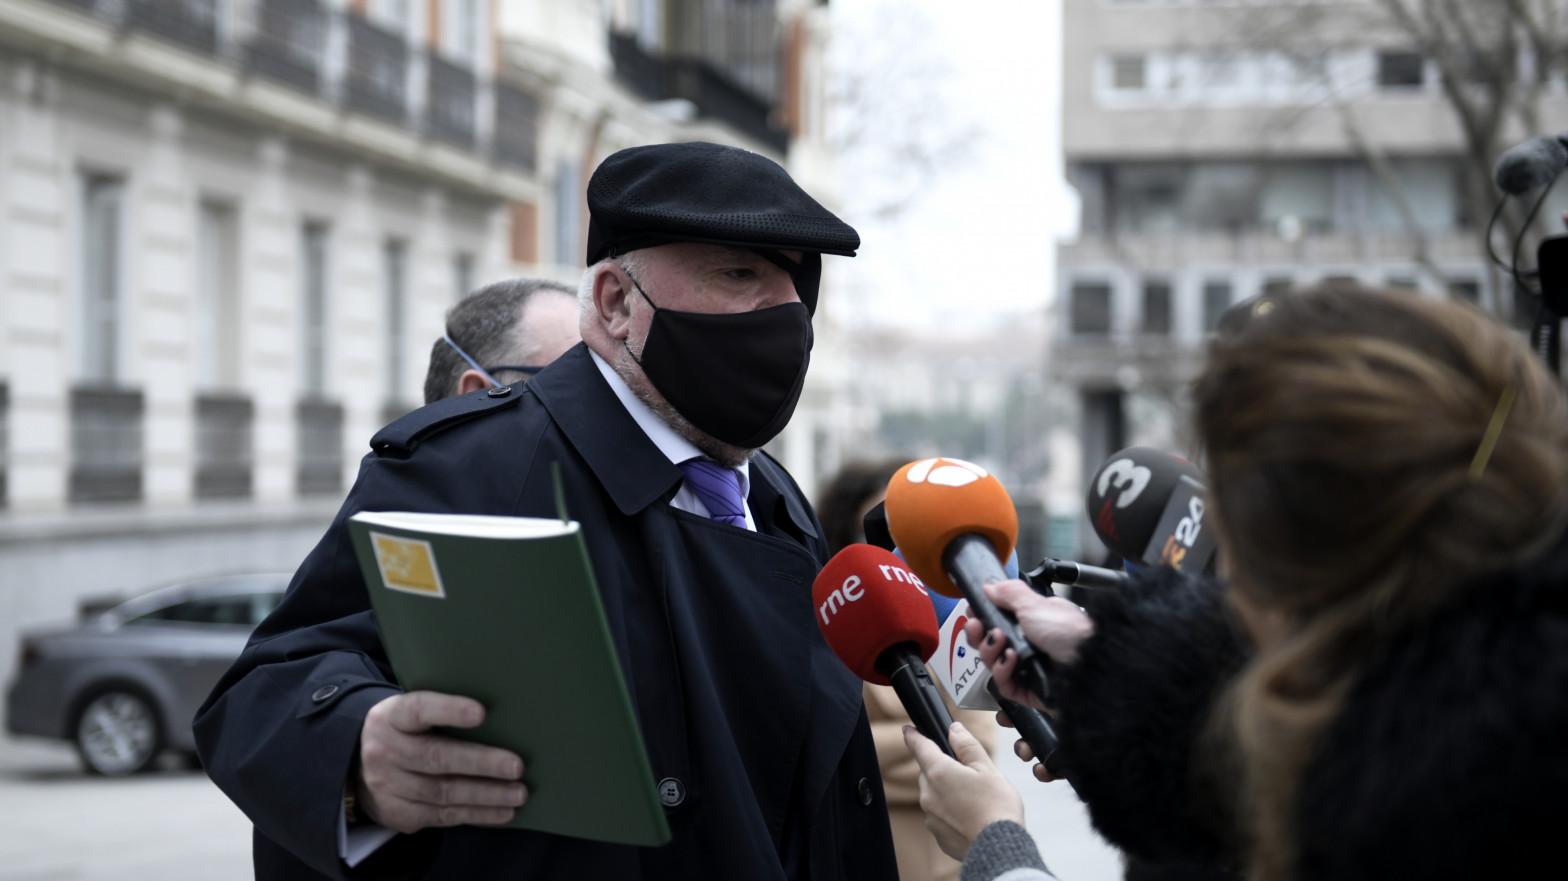 La Audiencia Nacional avala la decisión del juez de 'Tándem' de no investigar los chats de Podemos